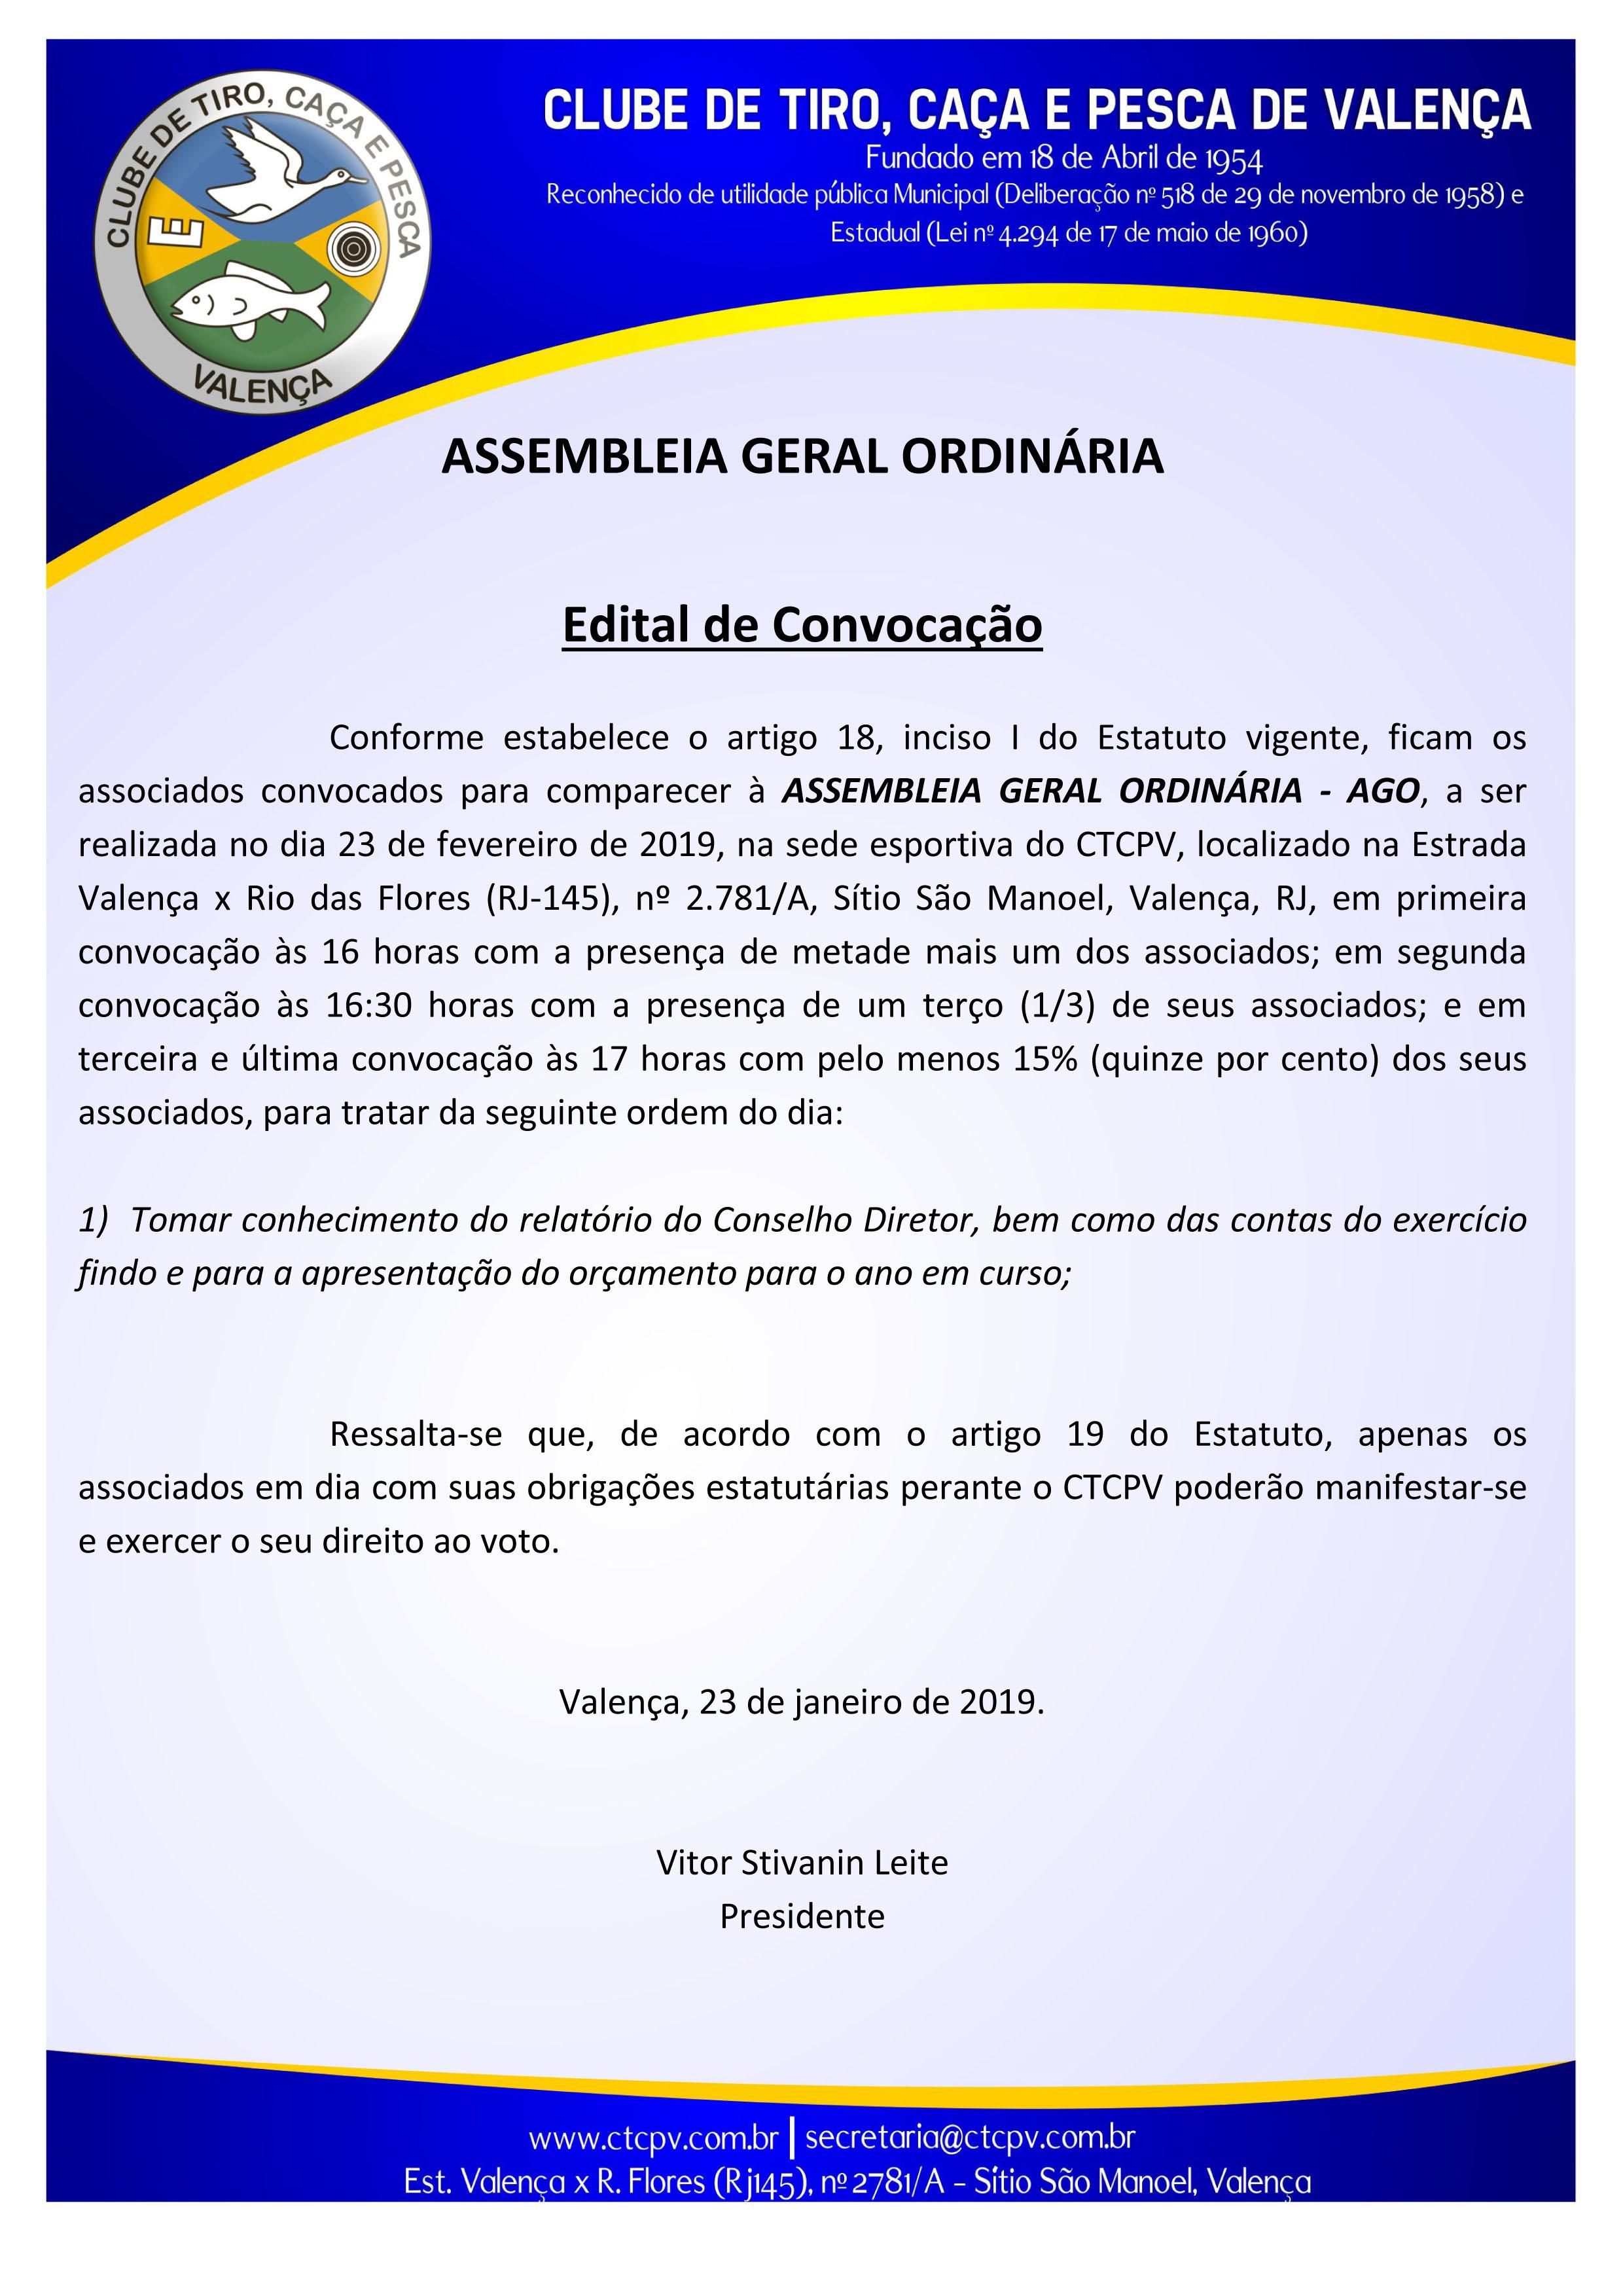 Edital de Convocação AGO Fev-2019 JPG